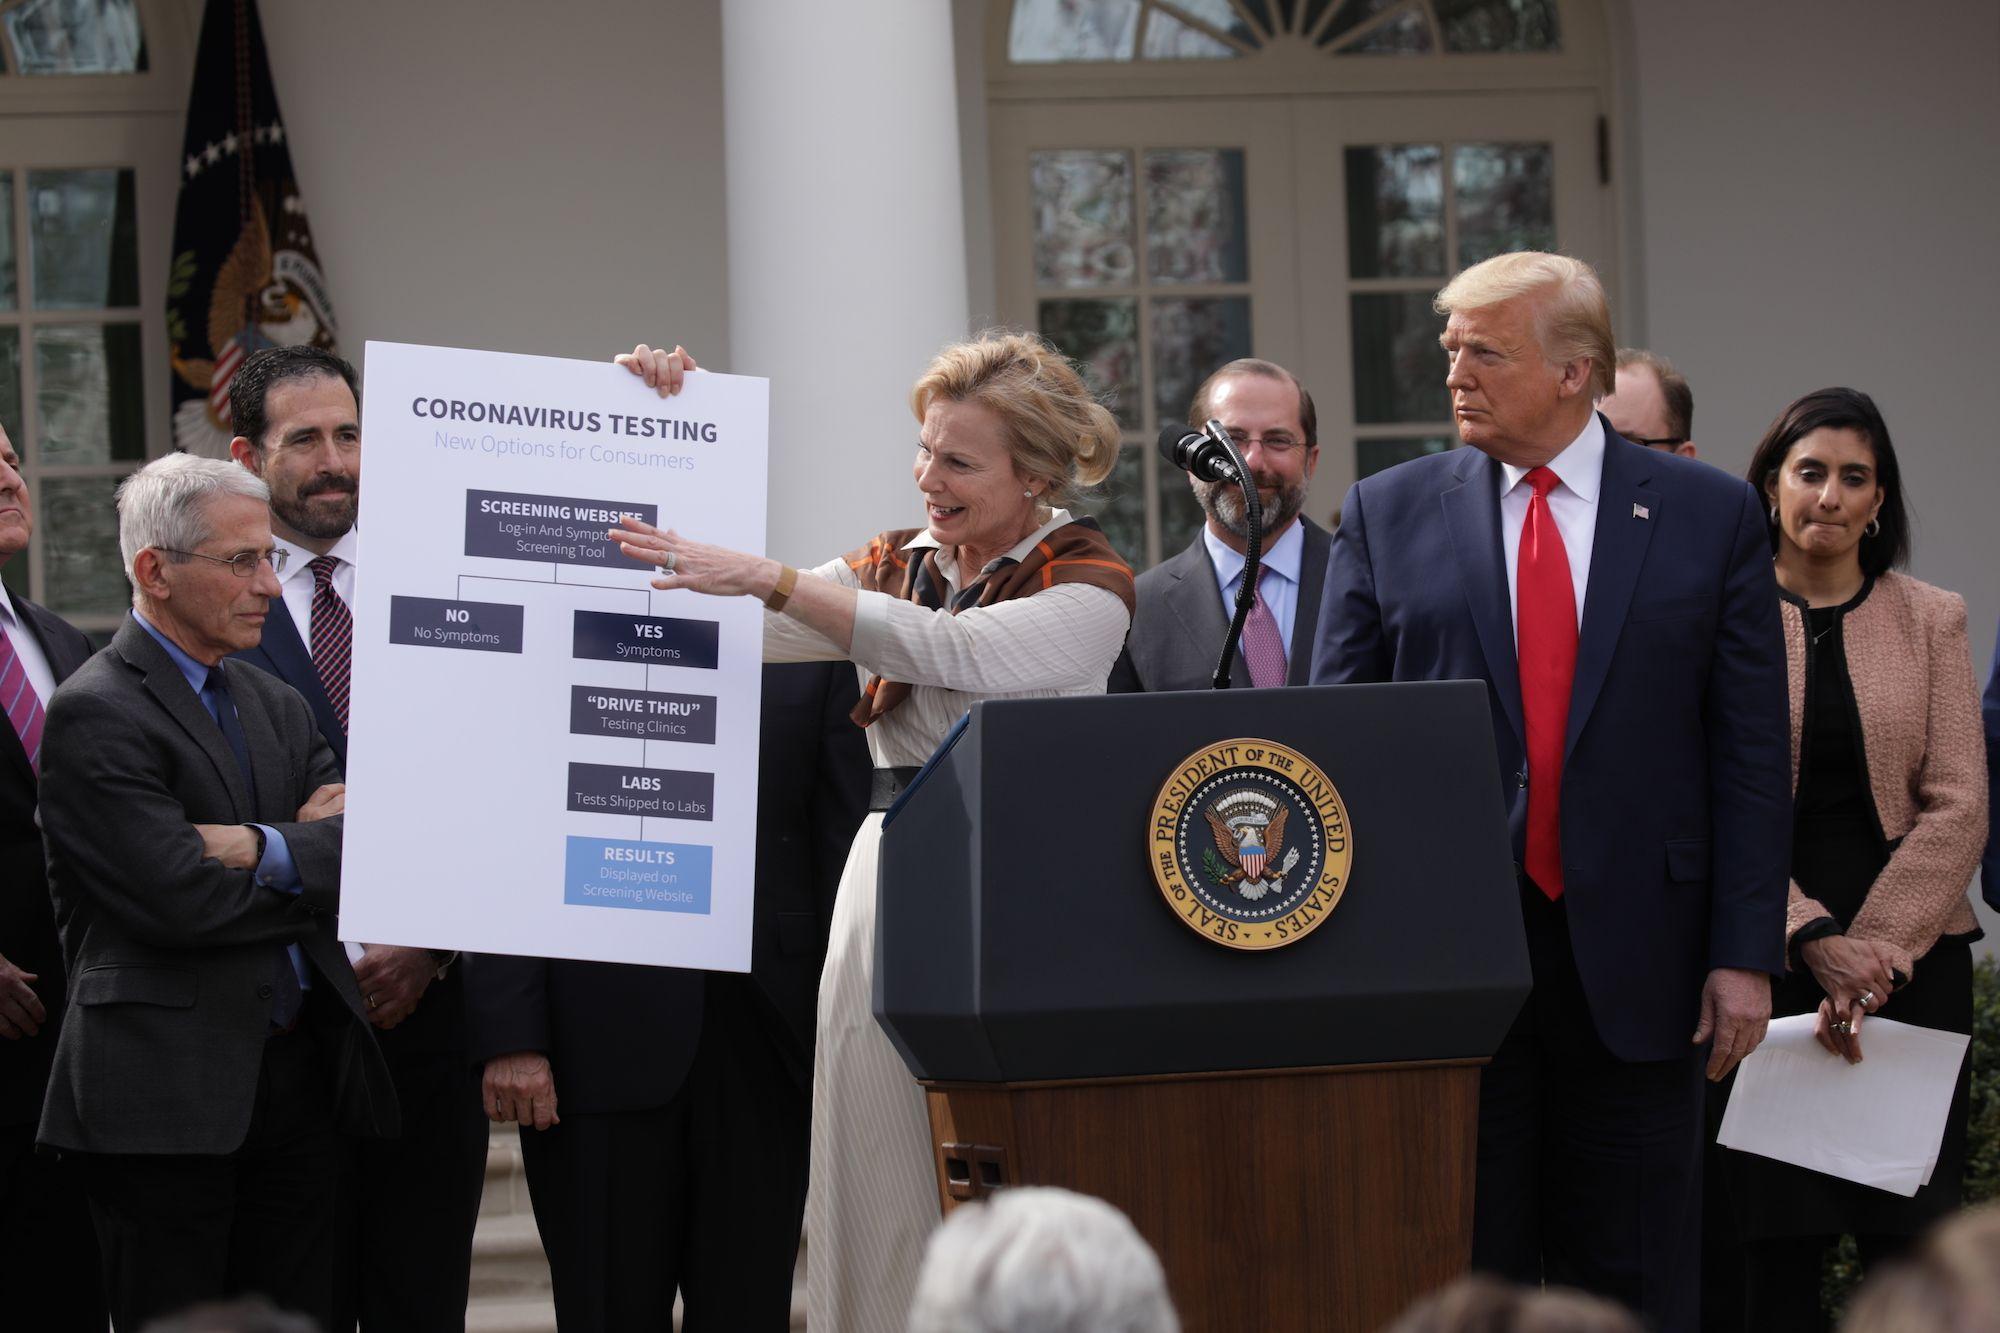 Амерички председник Доналд Трамп у присуству стручњака објављује увођење ванредног стања у САД поводом пандемије вируса COVID-19, Бела кућа, 13. март 2020. (Фото: Yasin Öztürk/Anadolu Agency)